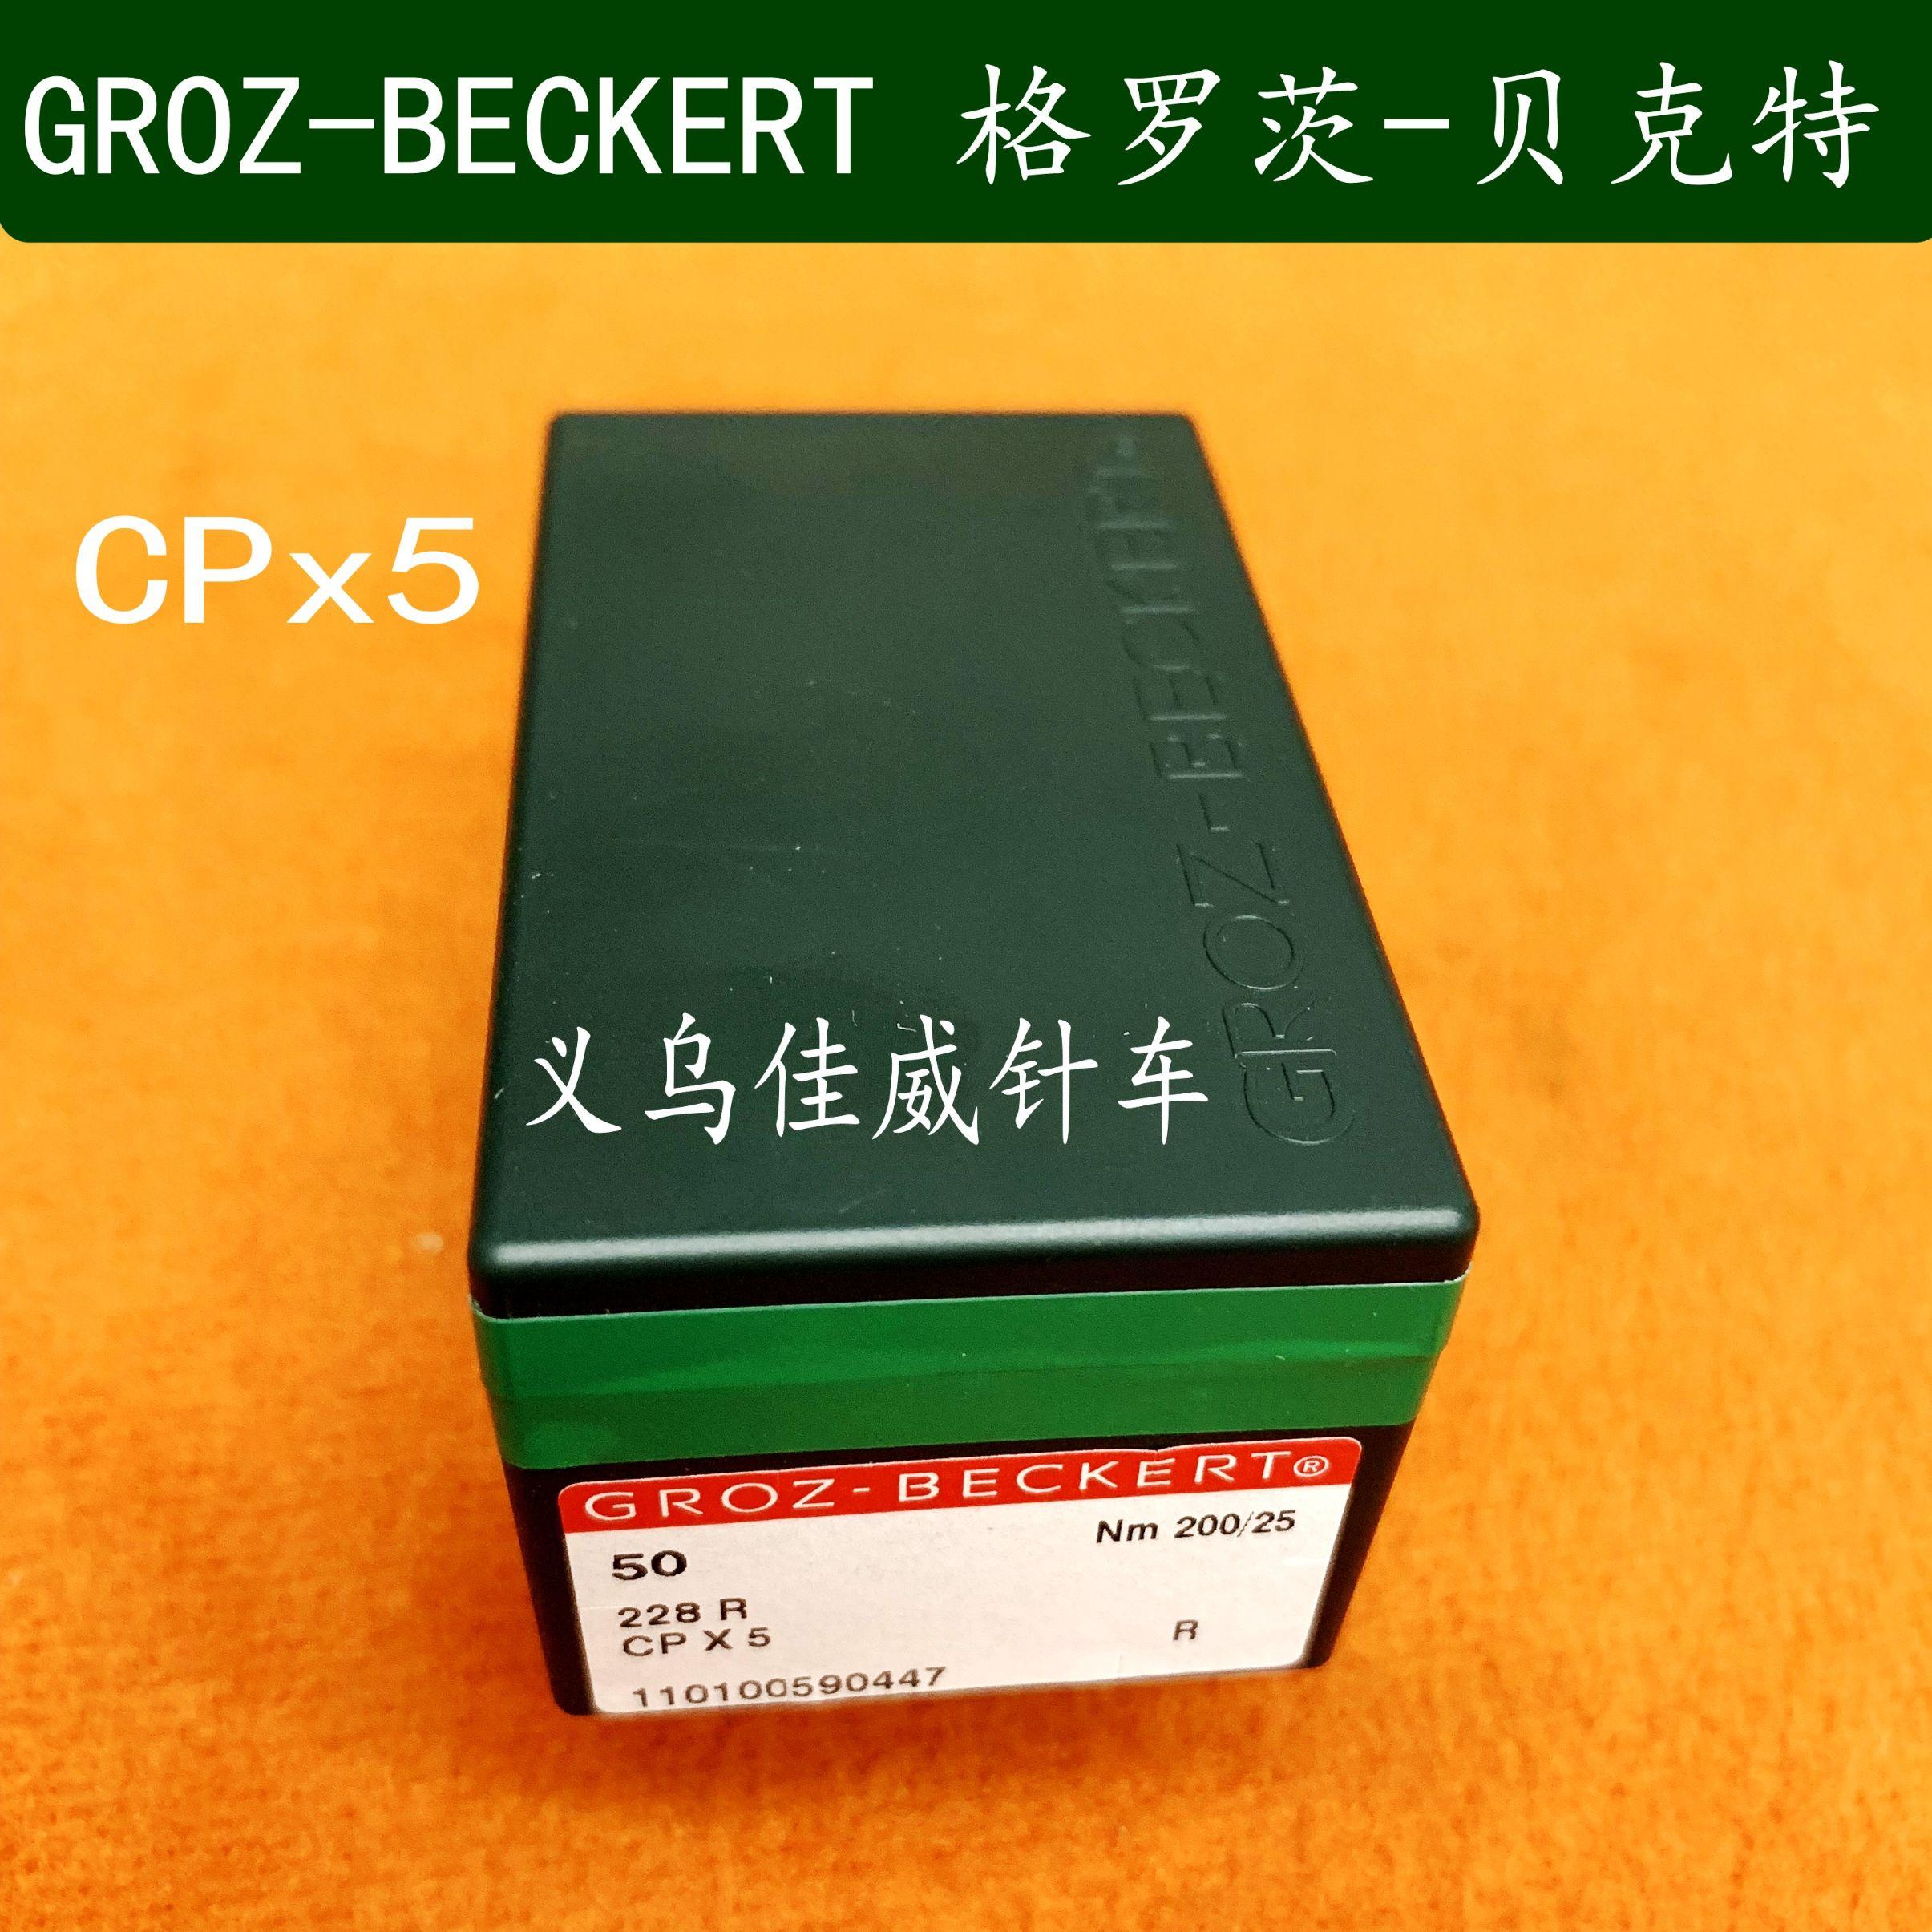 德国格罗茨GROZ-BECKERT CPx5 ,228R 缝纫机针,鞋机168内线机针